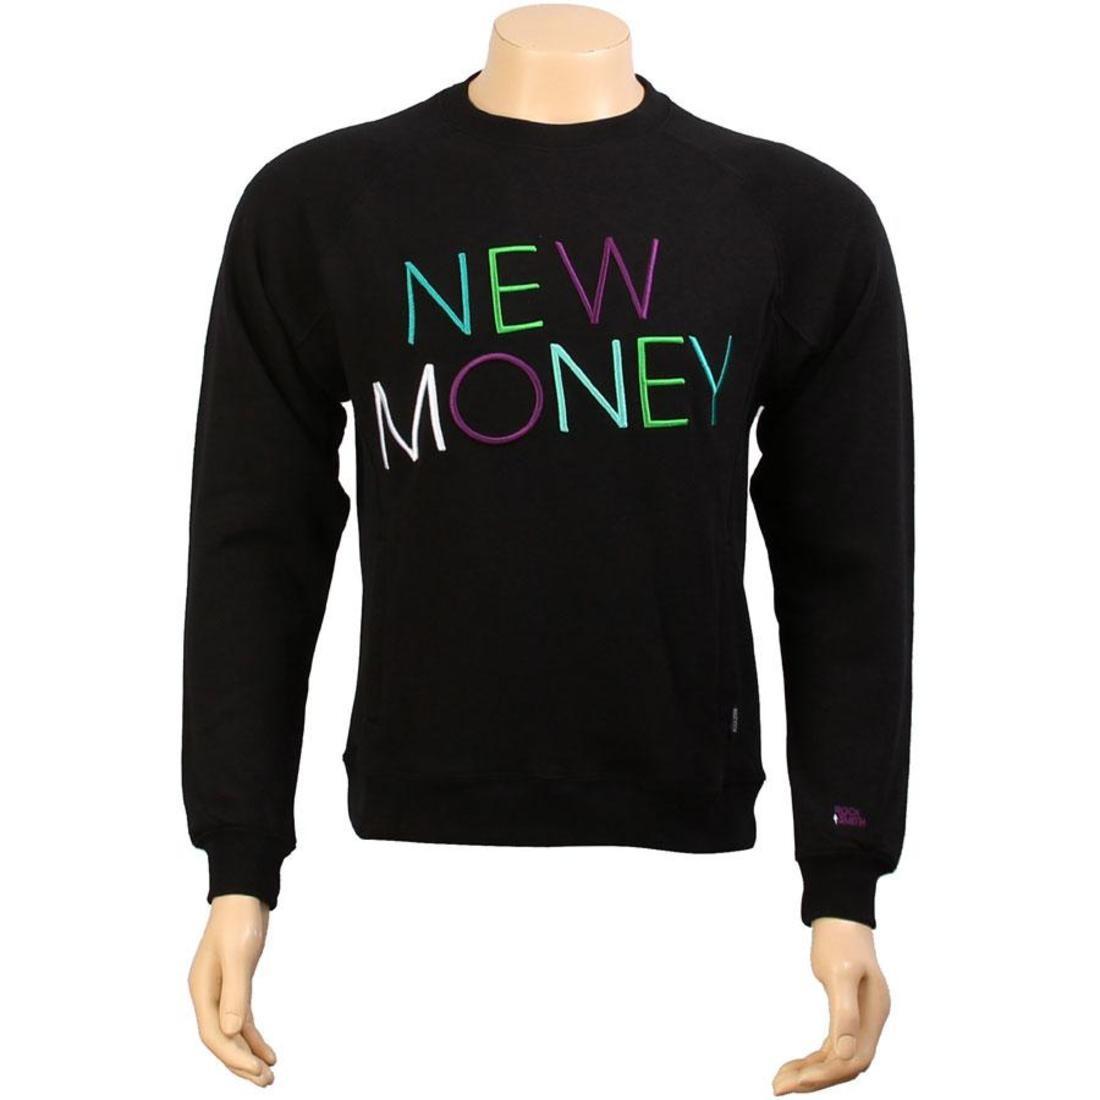 【海外限定】カットソー メンズファッション【 NEW ROCK SMITH NEW BLACK MONEY【 SWEATER BLACK】, PENNE ペンネ:e05a0e9d --- sunward.msk.ru